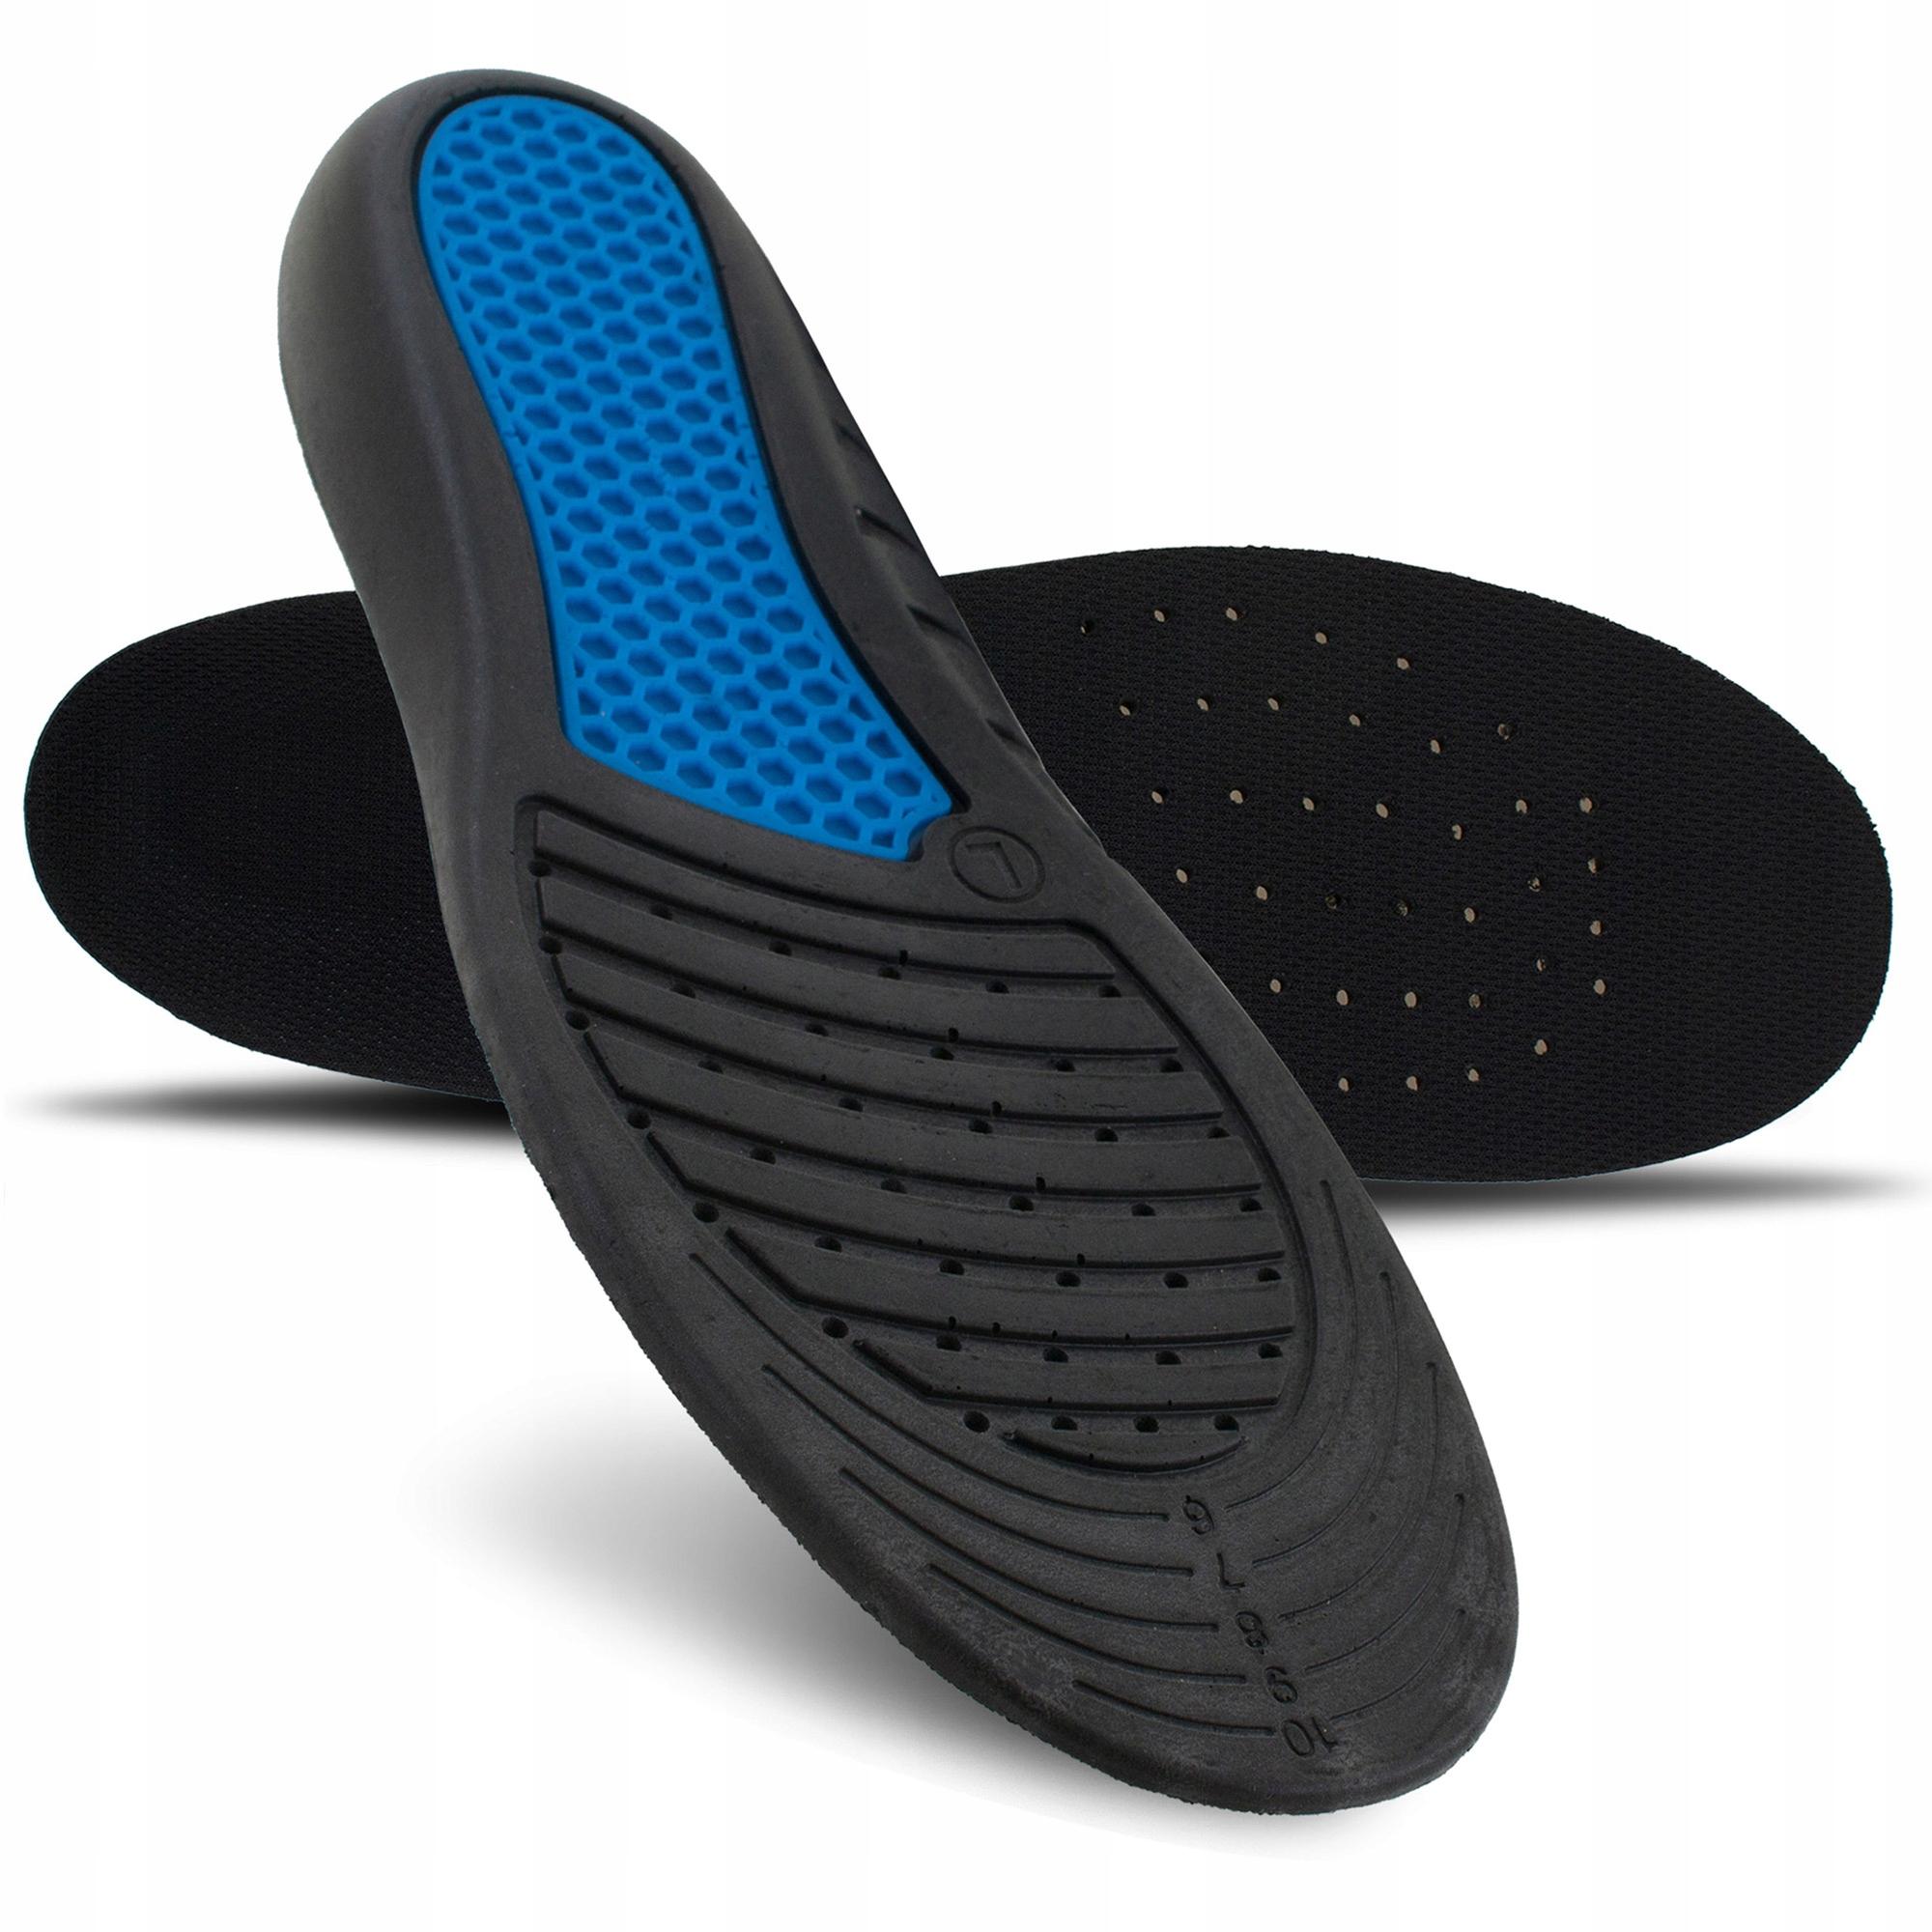 Стельки для обуви для рабочих охране ТРУДА для болезненных ног 42-46